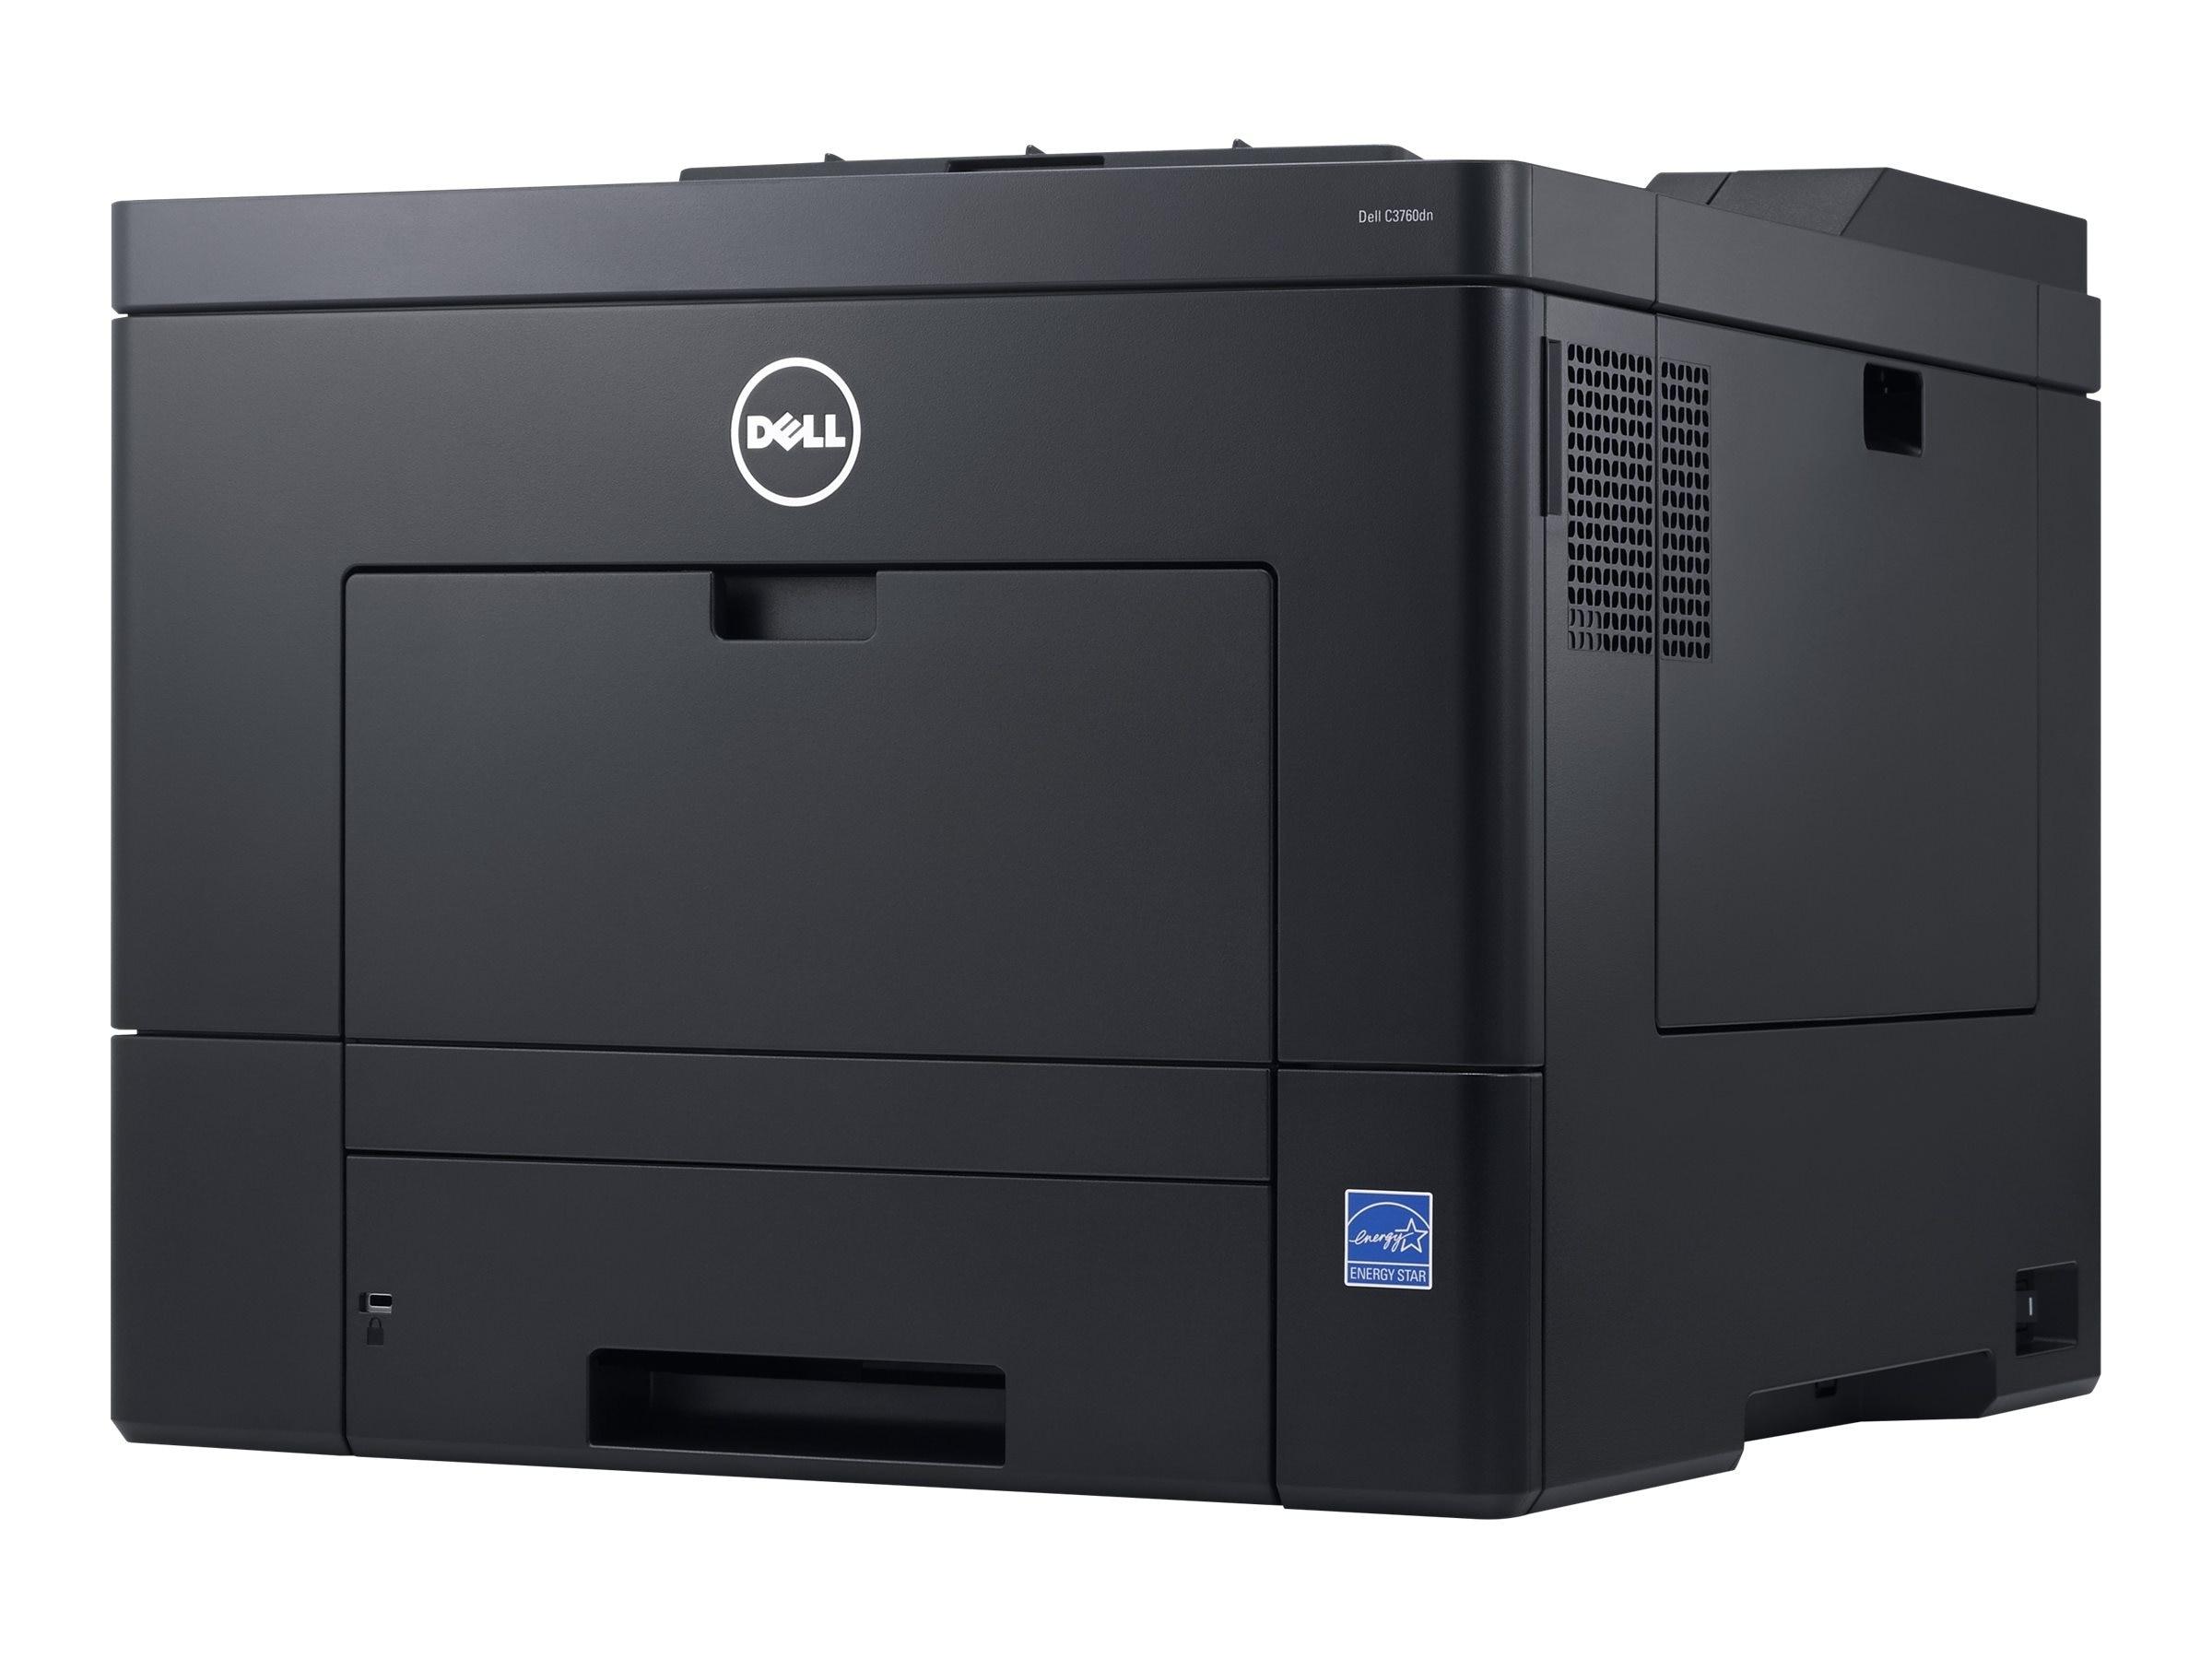 Dell C2660dn Color Laser Printer, NDWPJ, 16376416, Printers - Laser & LED (color)